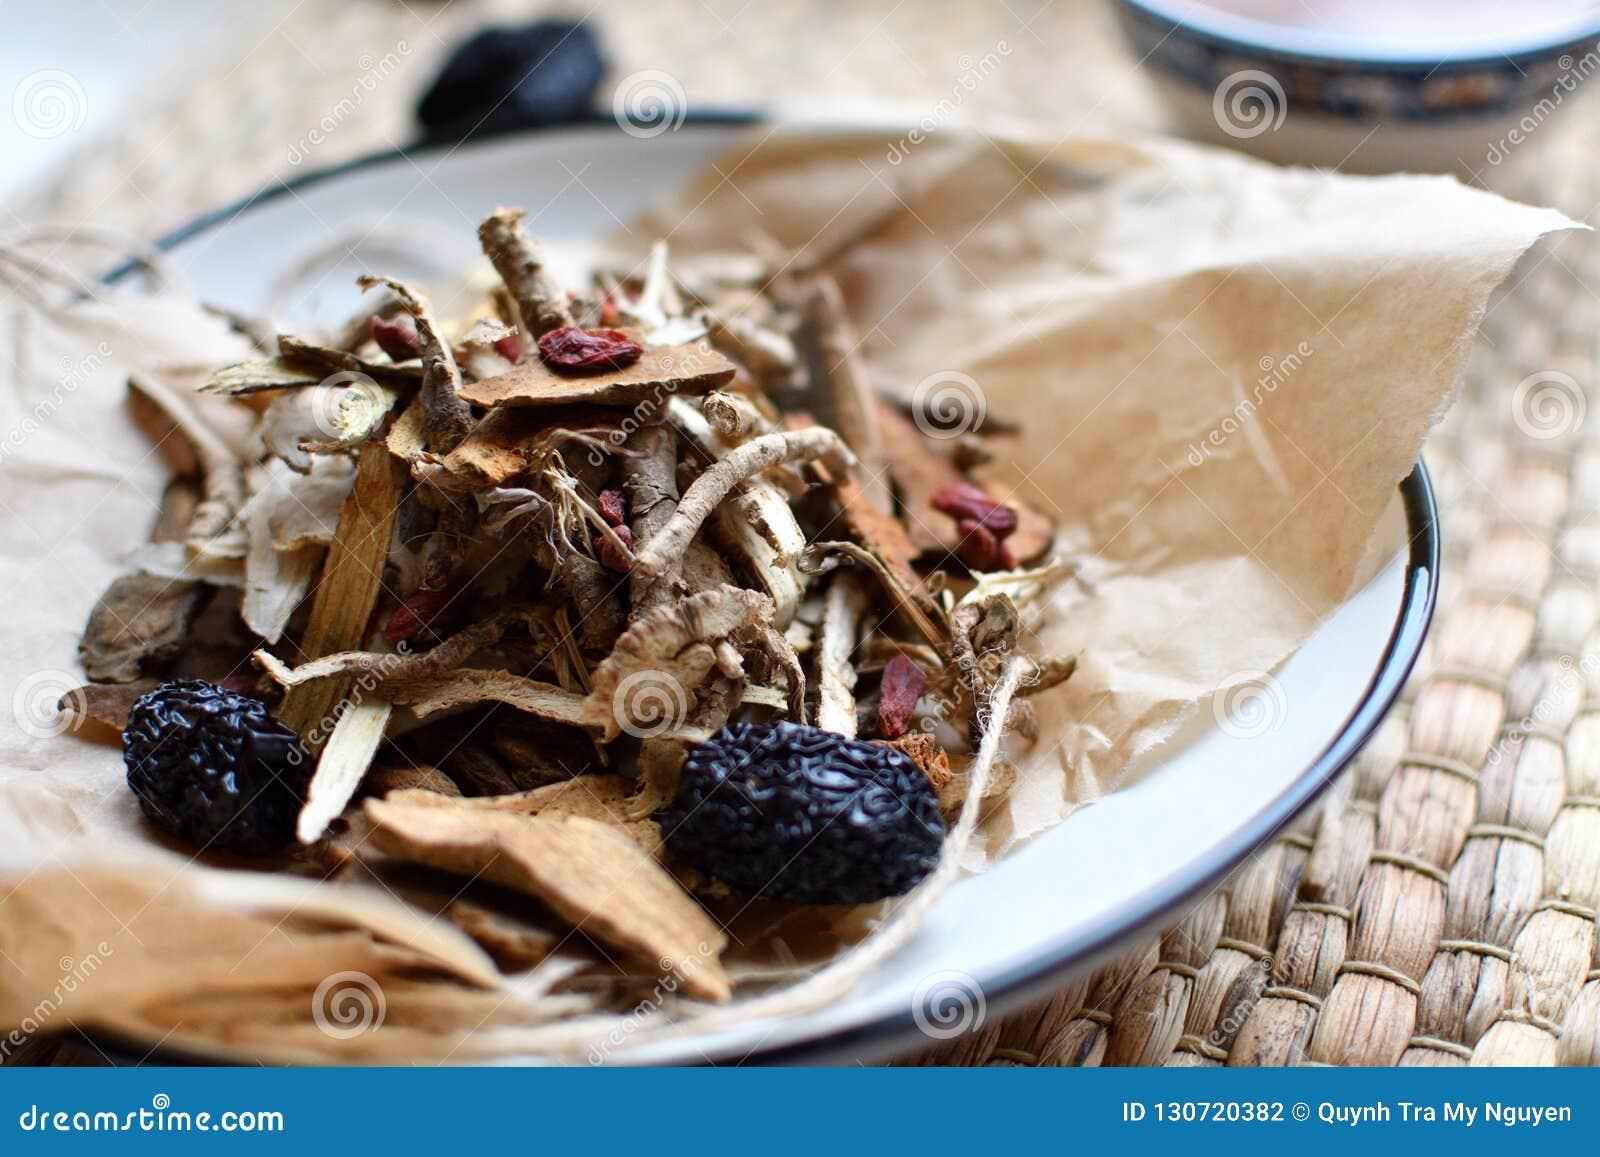 Китайский сценарий традиционной медицины Травяной чай с jujubes, ягодами goji, корнями gingseng и другими на пергаментной бумаге